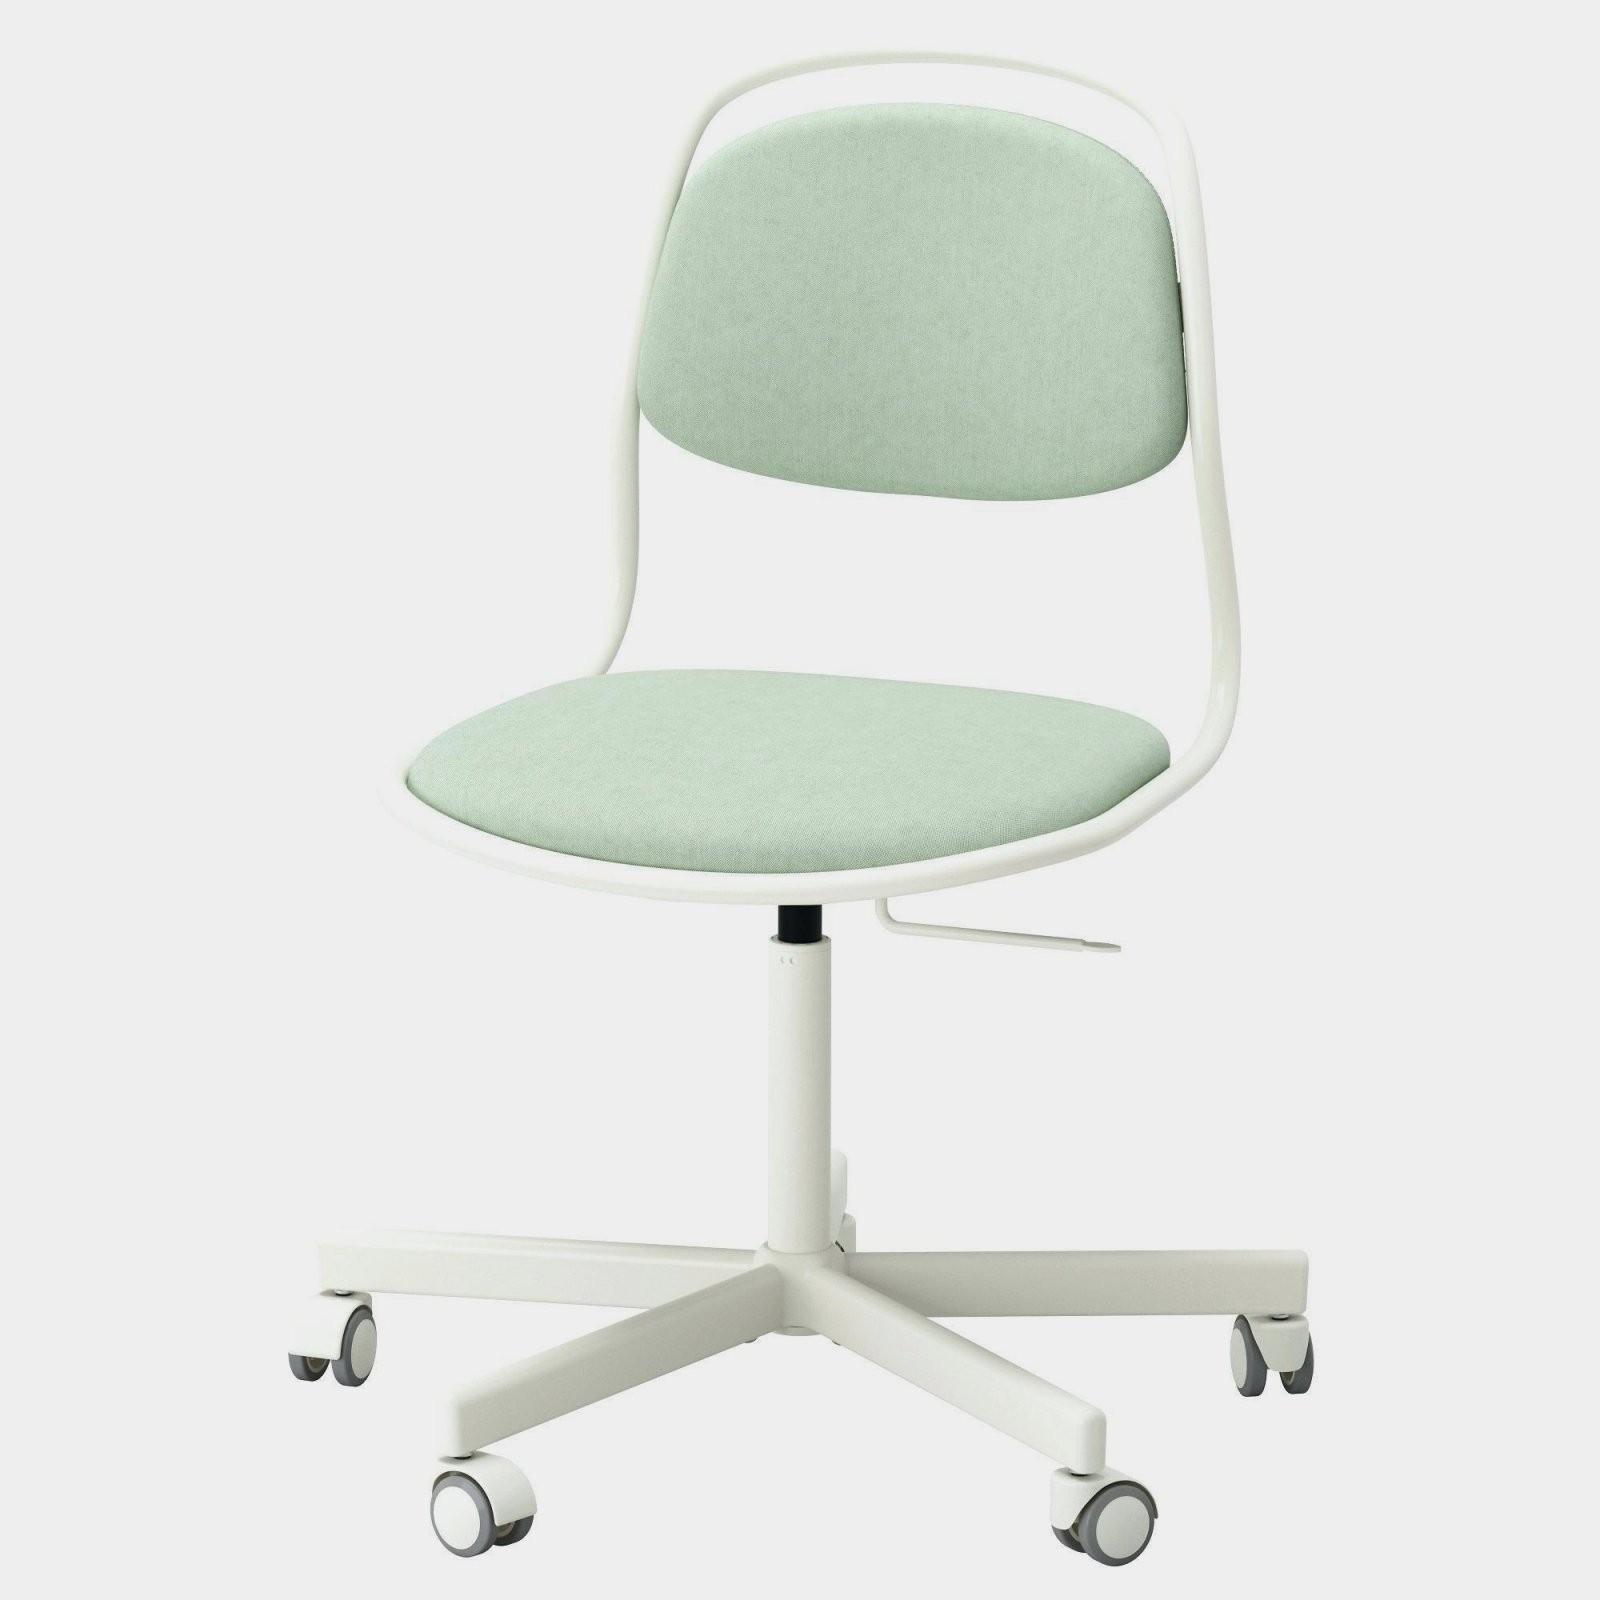 Schreibtischstuhl Ohne Rollen Ikea  Dekorieren Bei Das Haus von Schreibtischstuhl Ohne Rollen Ikea Bild